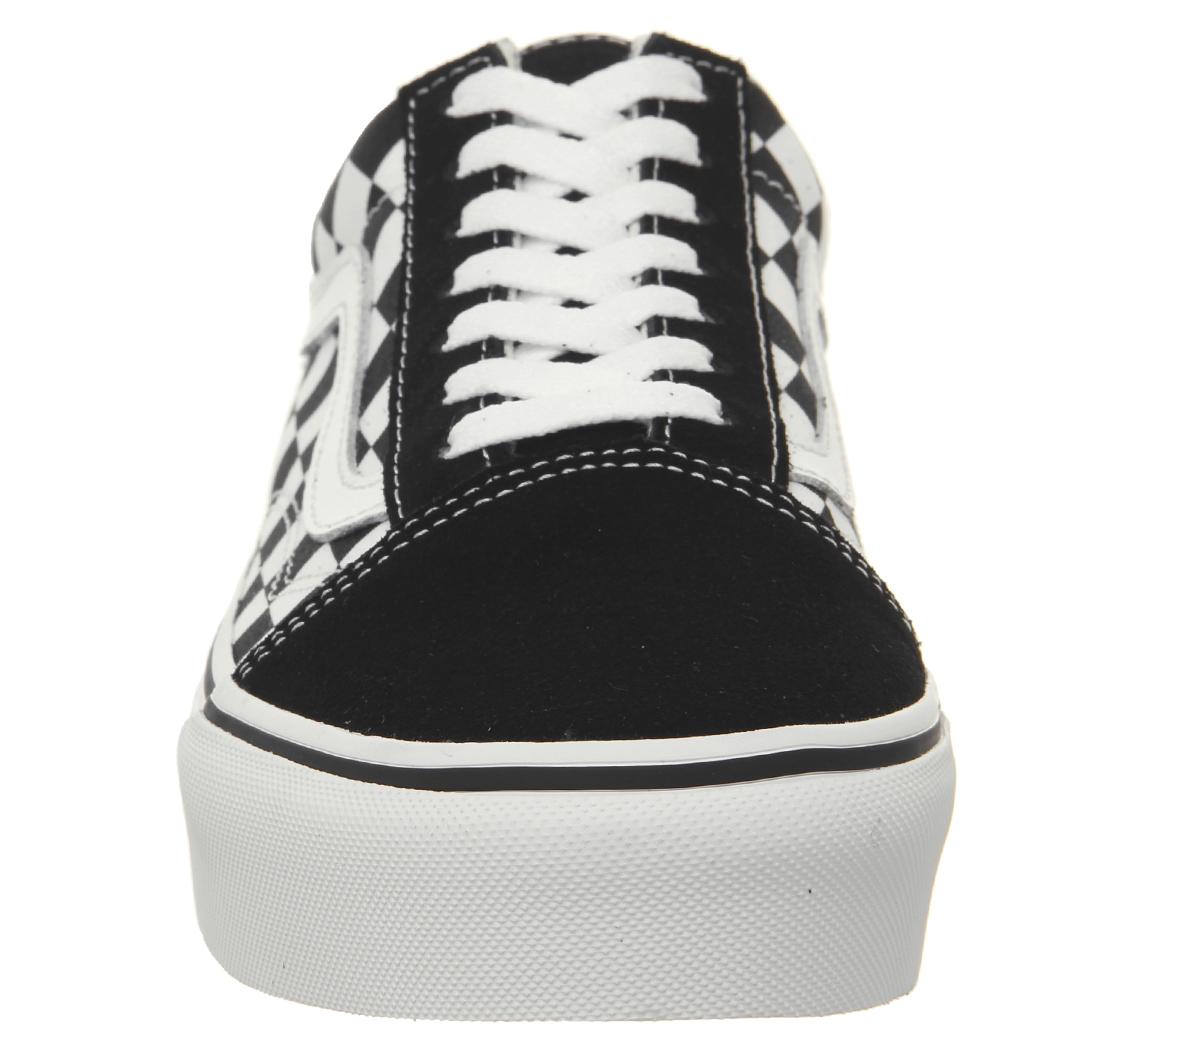 1d9afb54d8 Womens Vans Old Skool Platform Trainers Black Checkerboard True ...